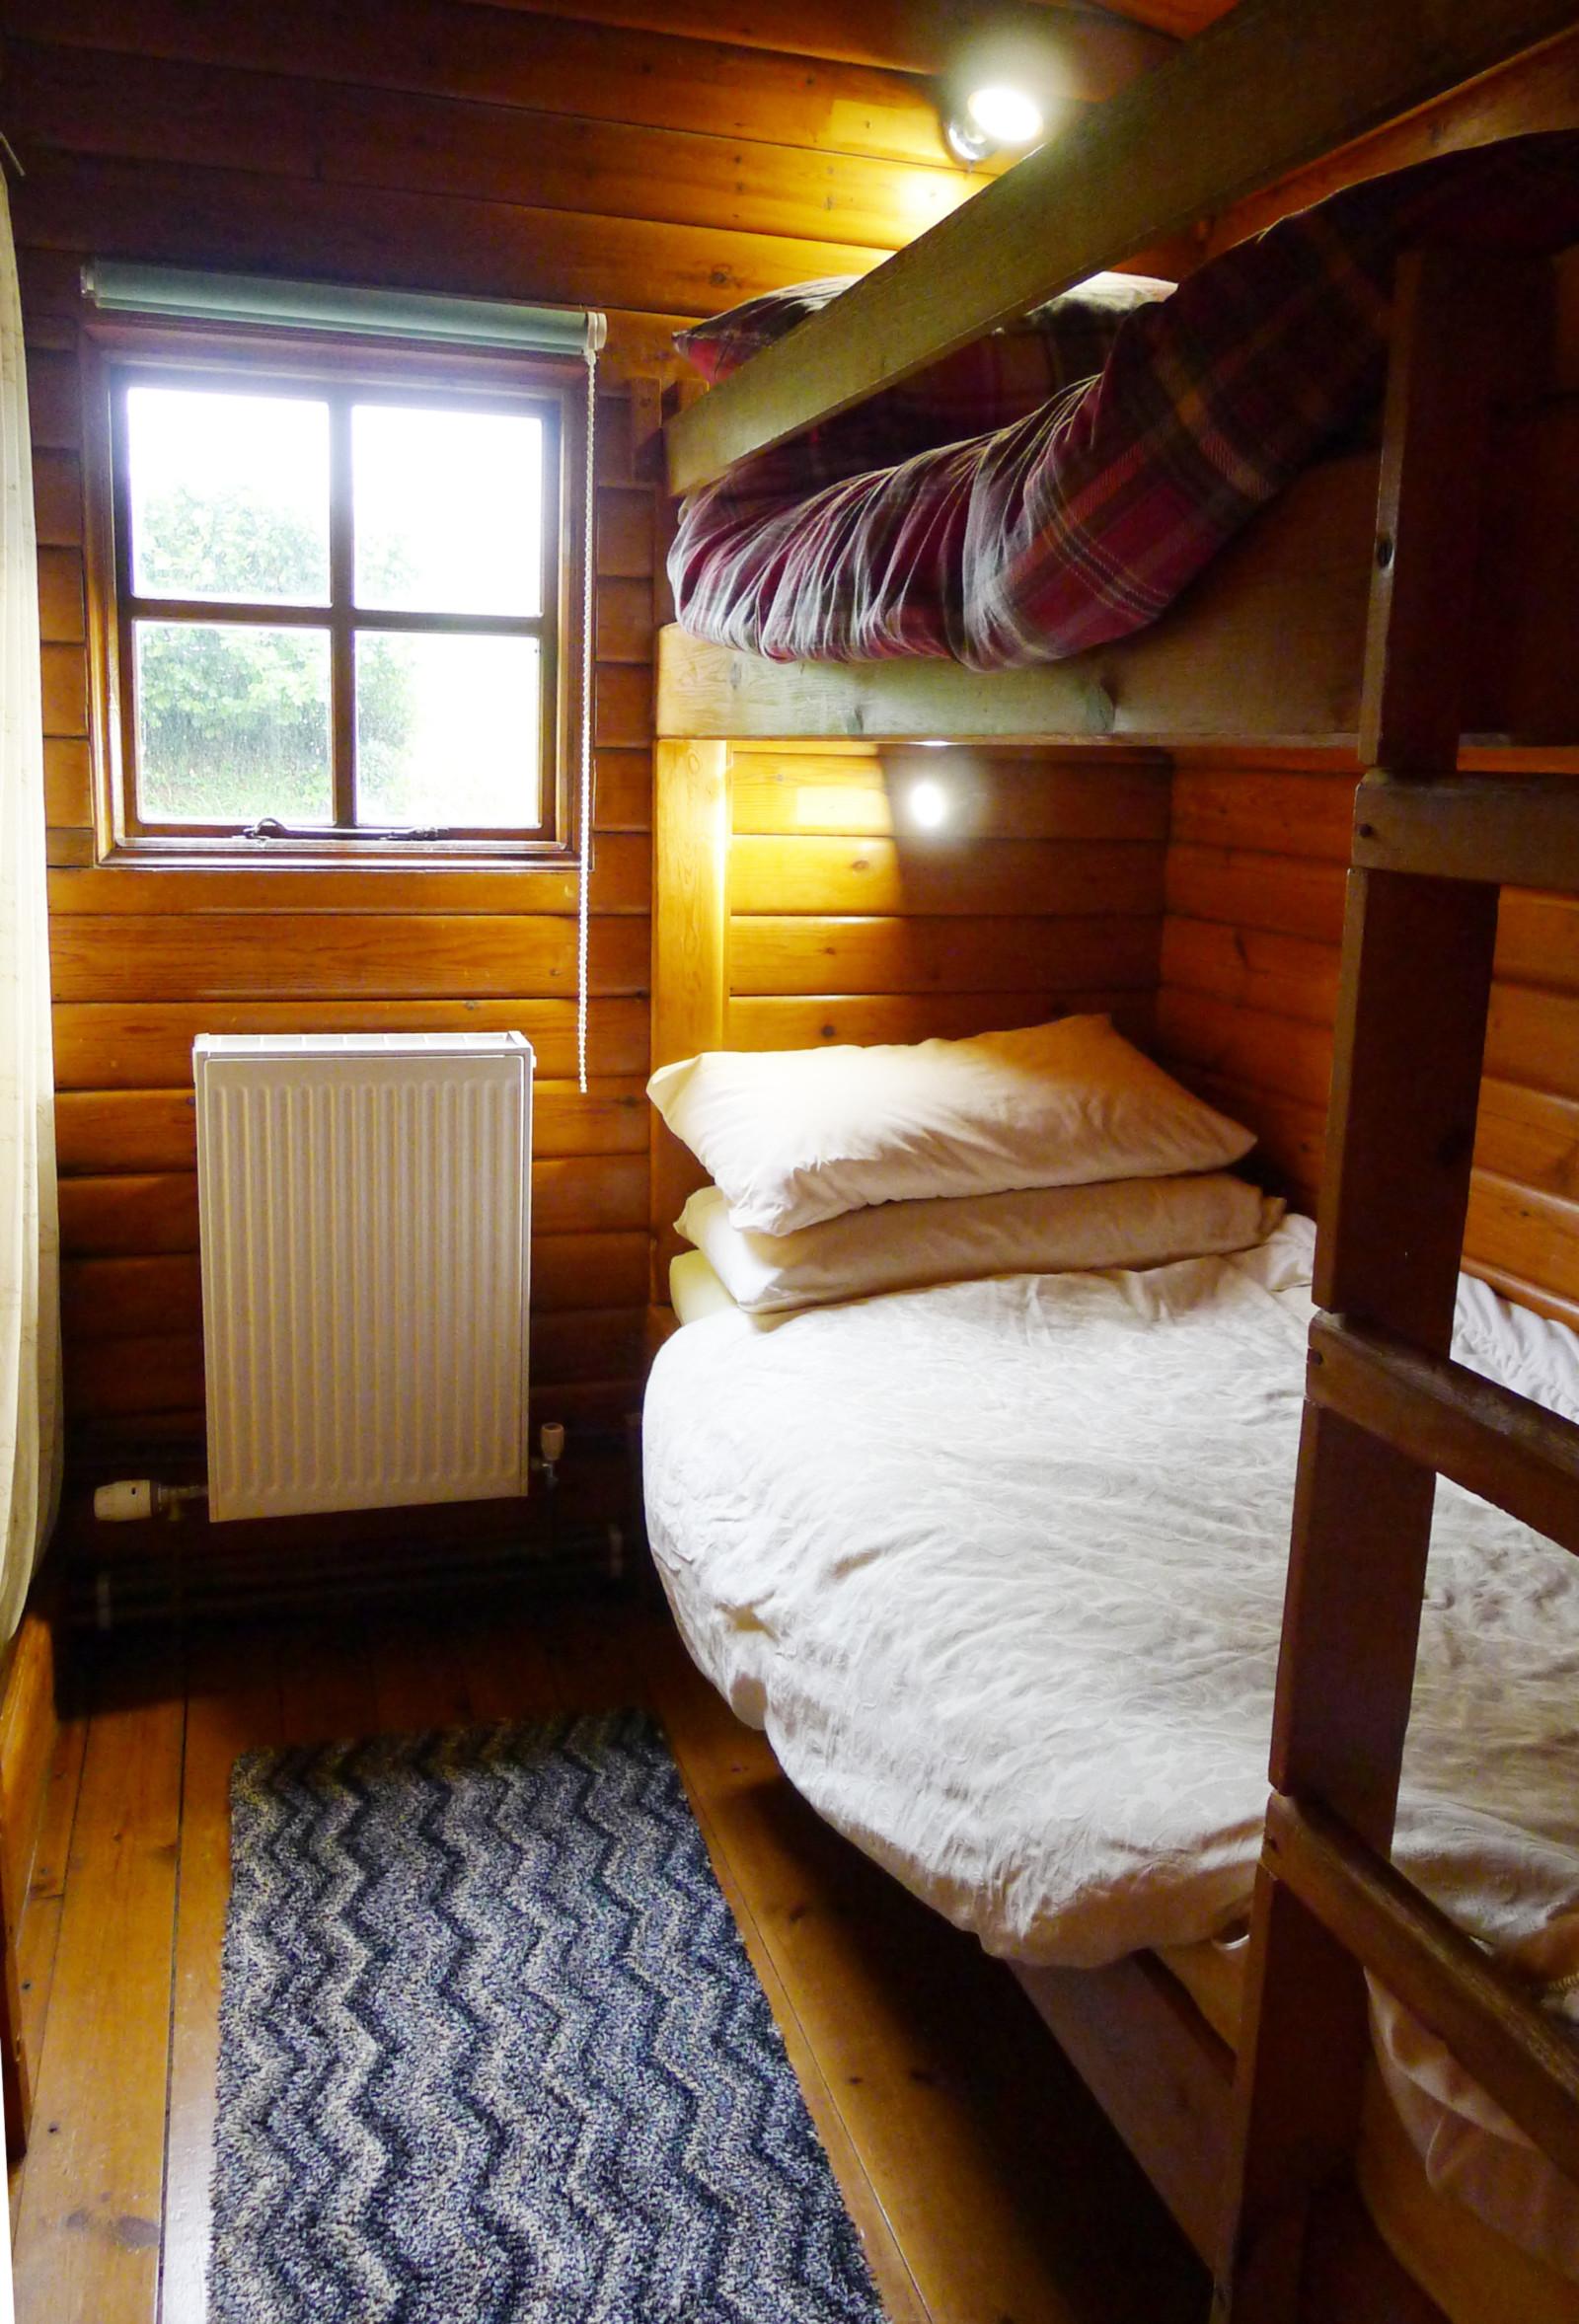 Morlogws Farm Holidays - The Log Cabin Bedroom